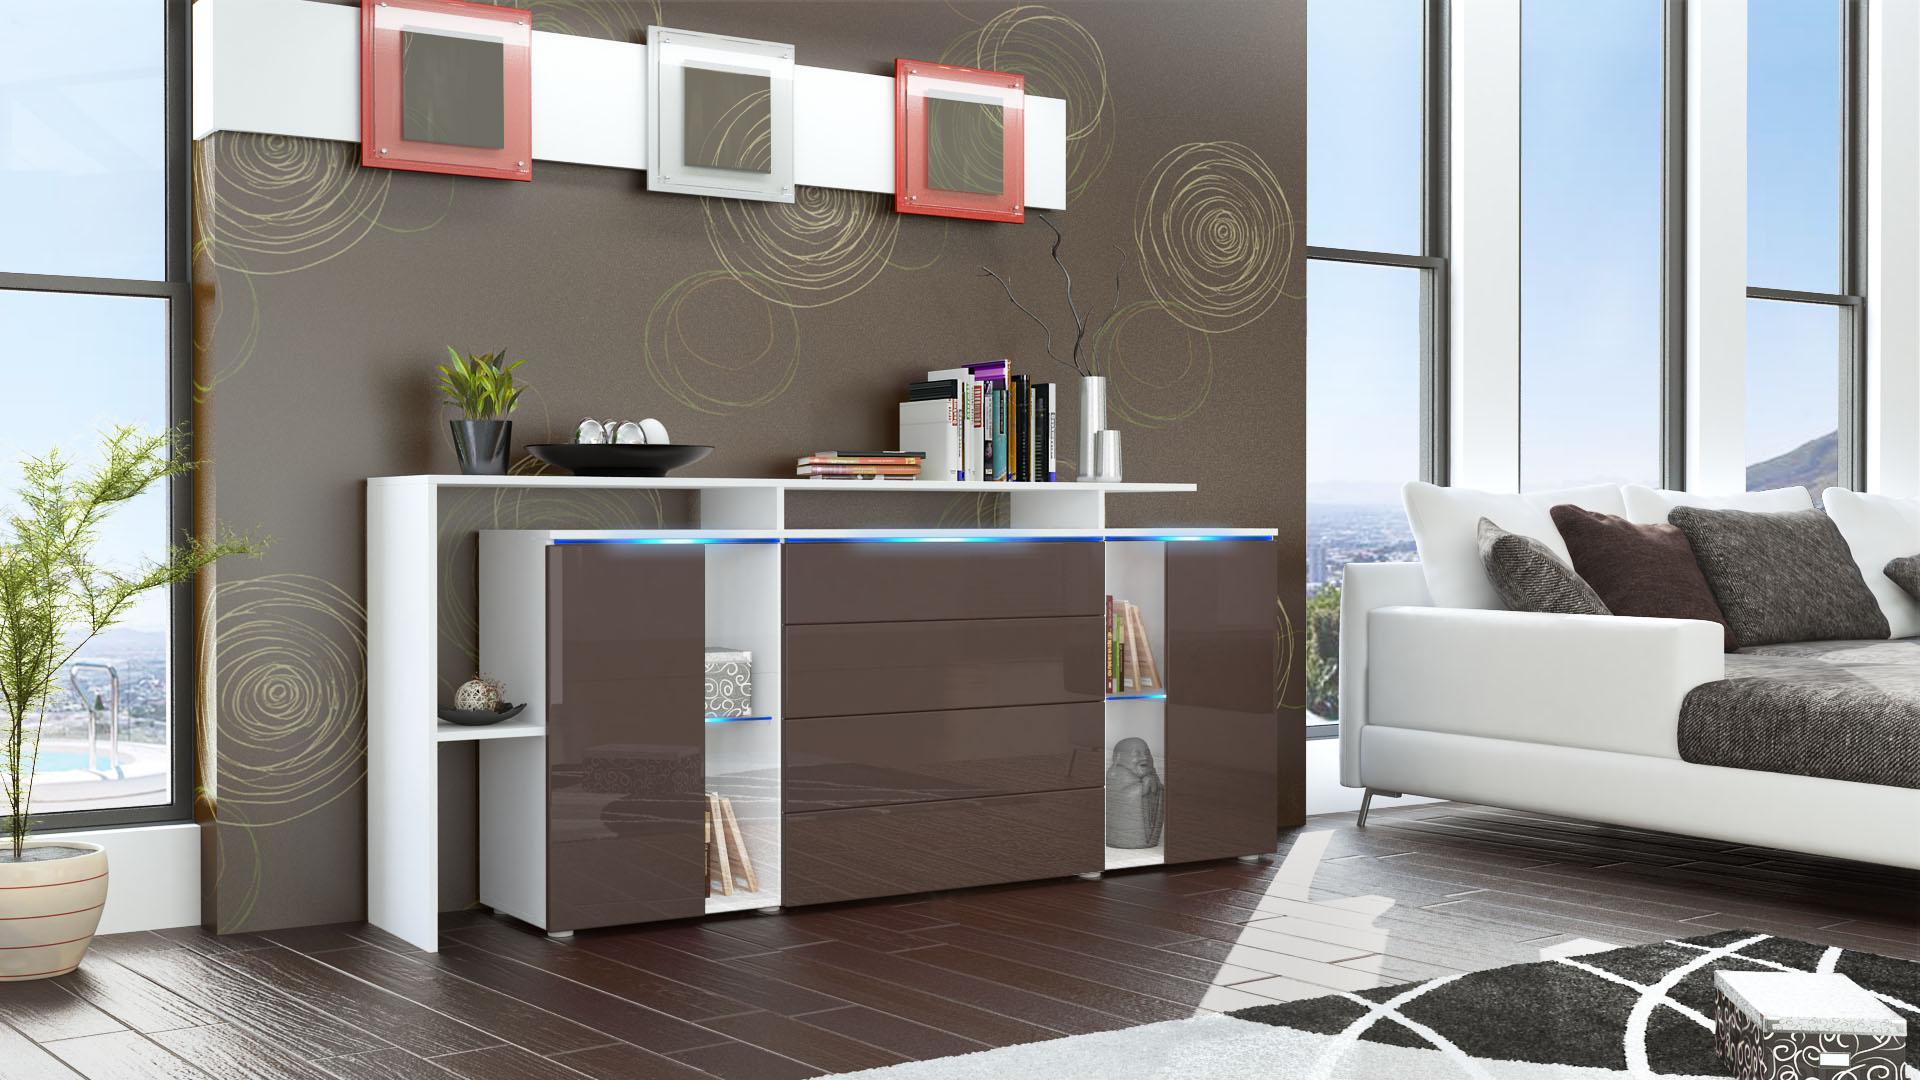 Sideboard Cabinet LED Lissabon V2 White matt High Gloss& Natural Tones eBay